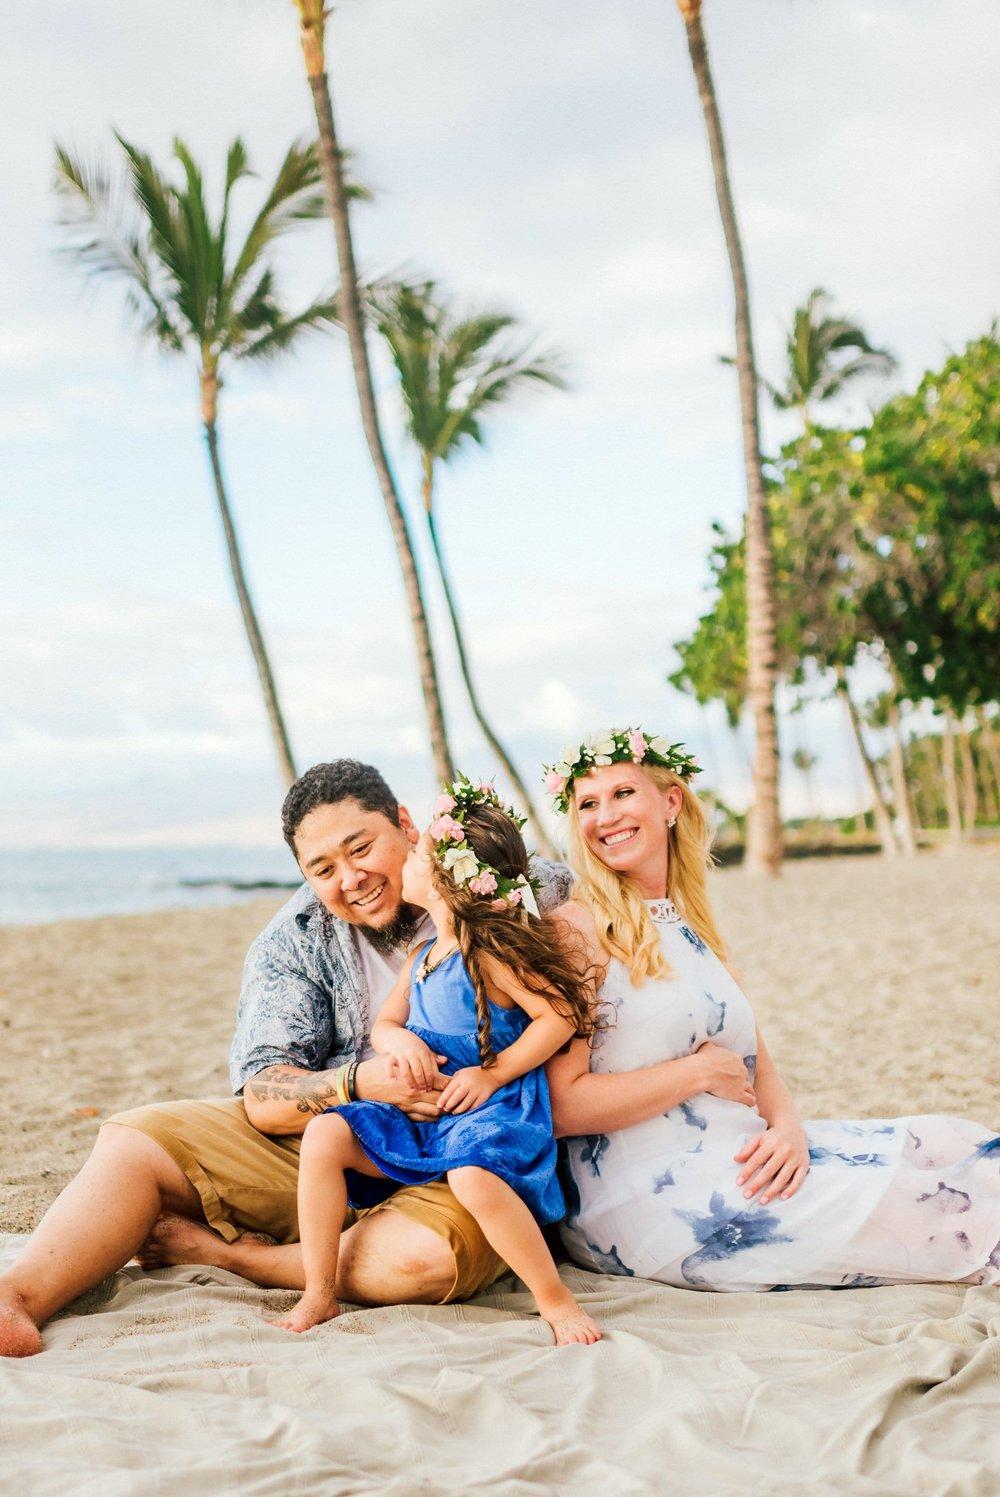 Hawaii-Maternity-Photographer-Waikoloa-Sunset6.jpg